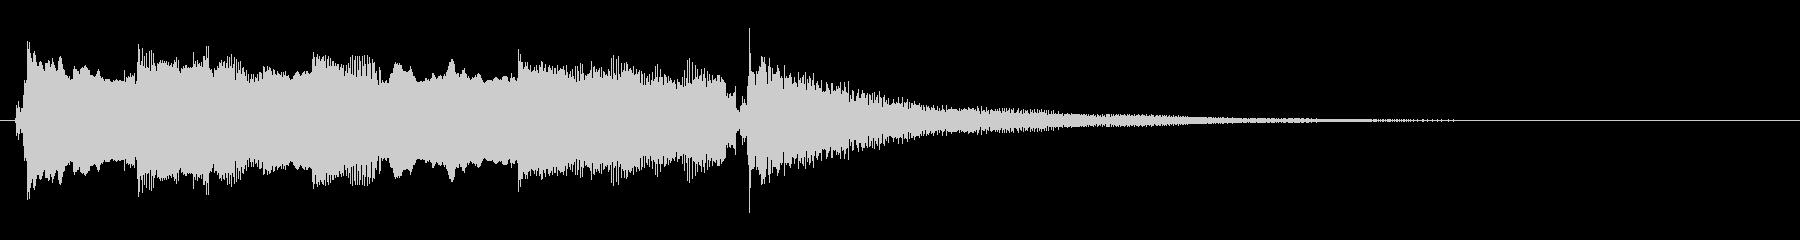 ディストーションギター ジングルの未再生の波形